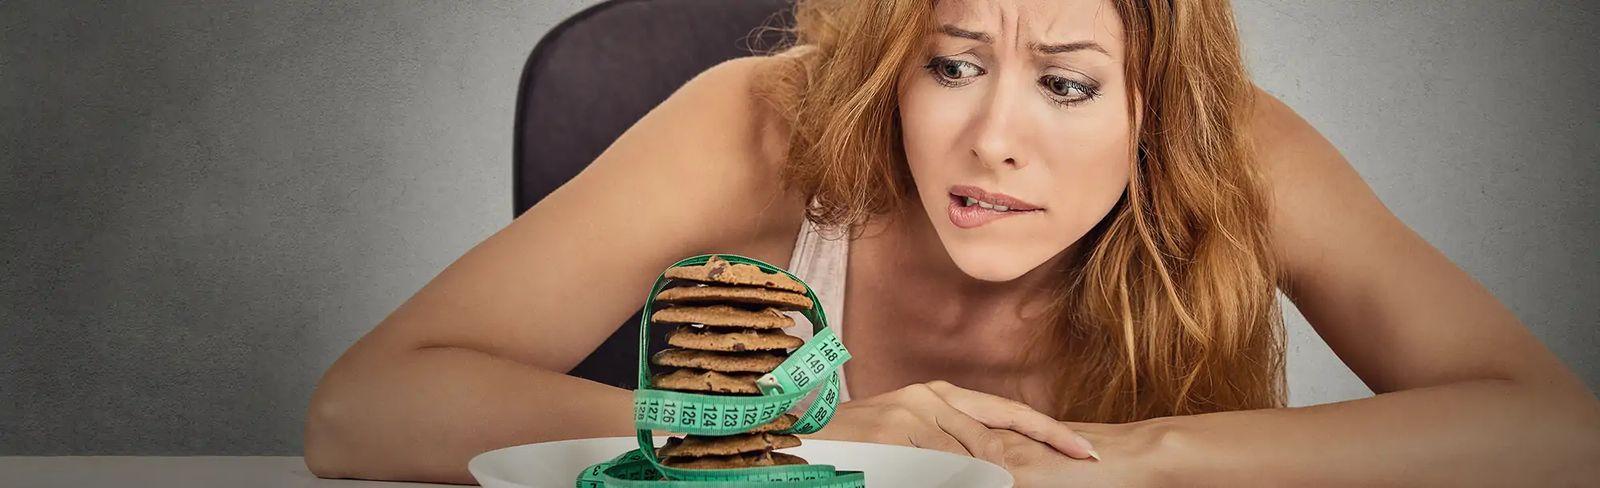 контроль веса и еды